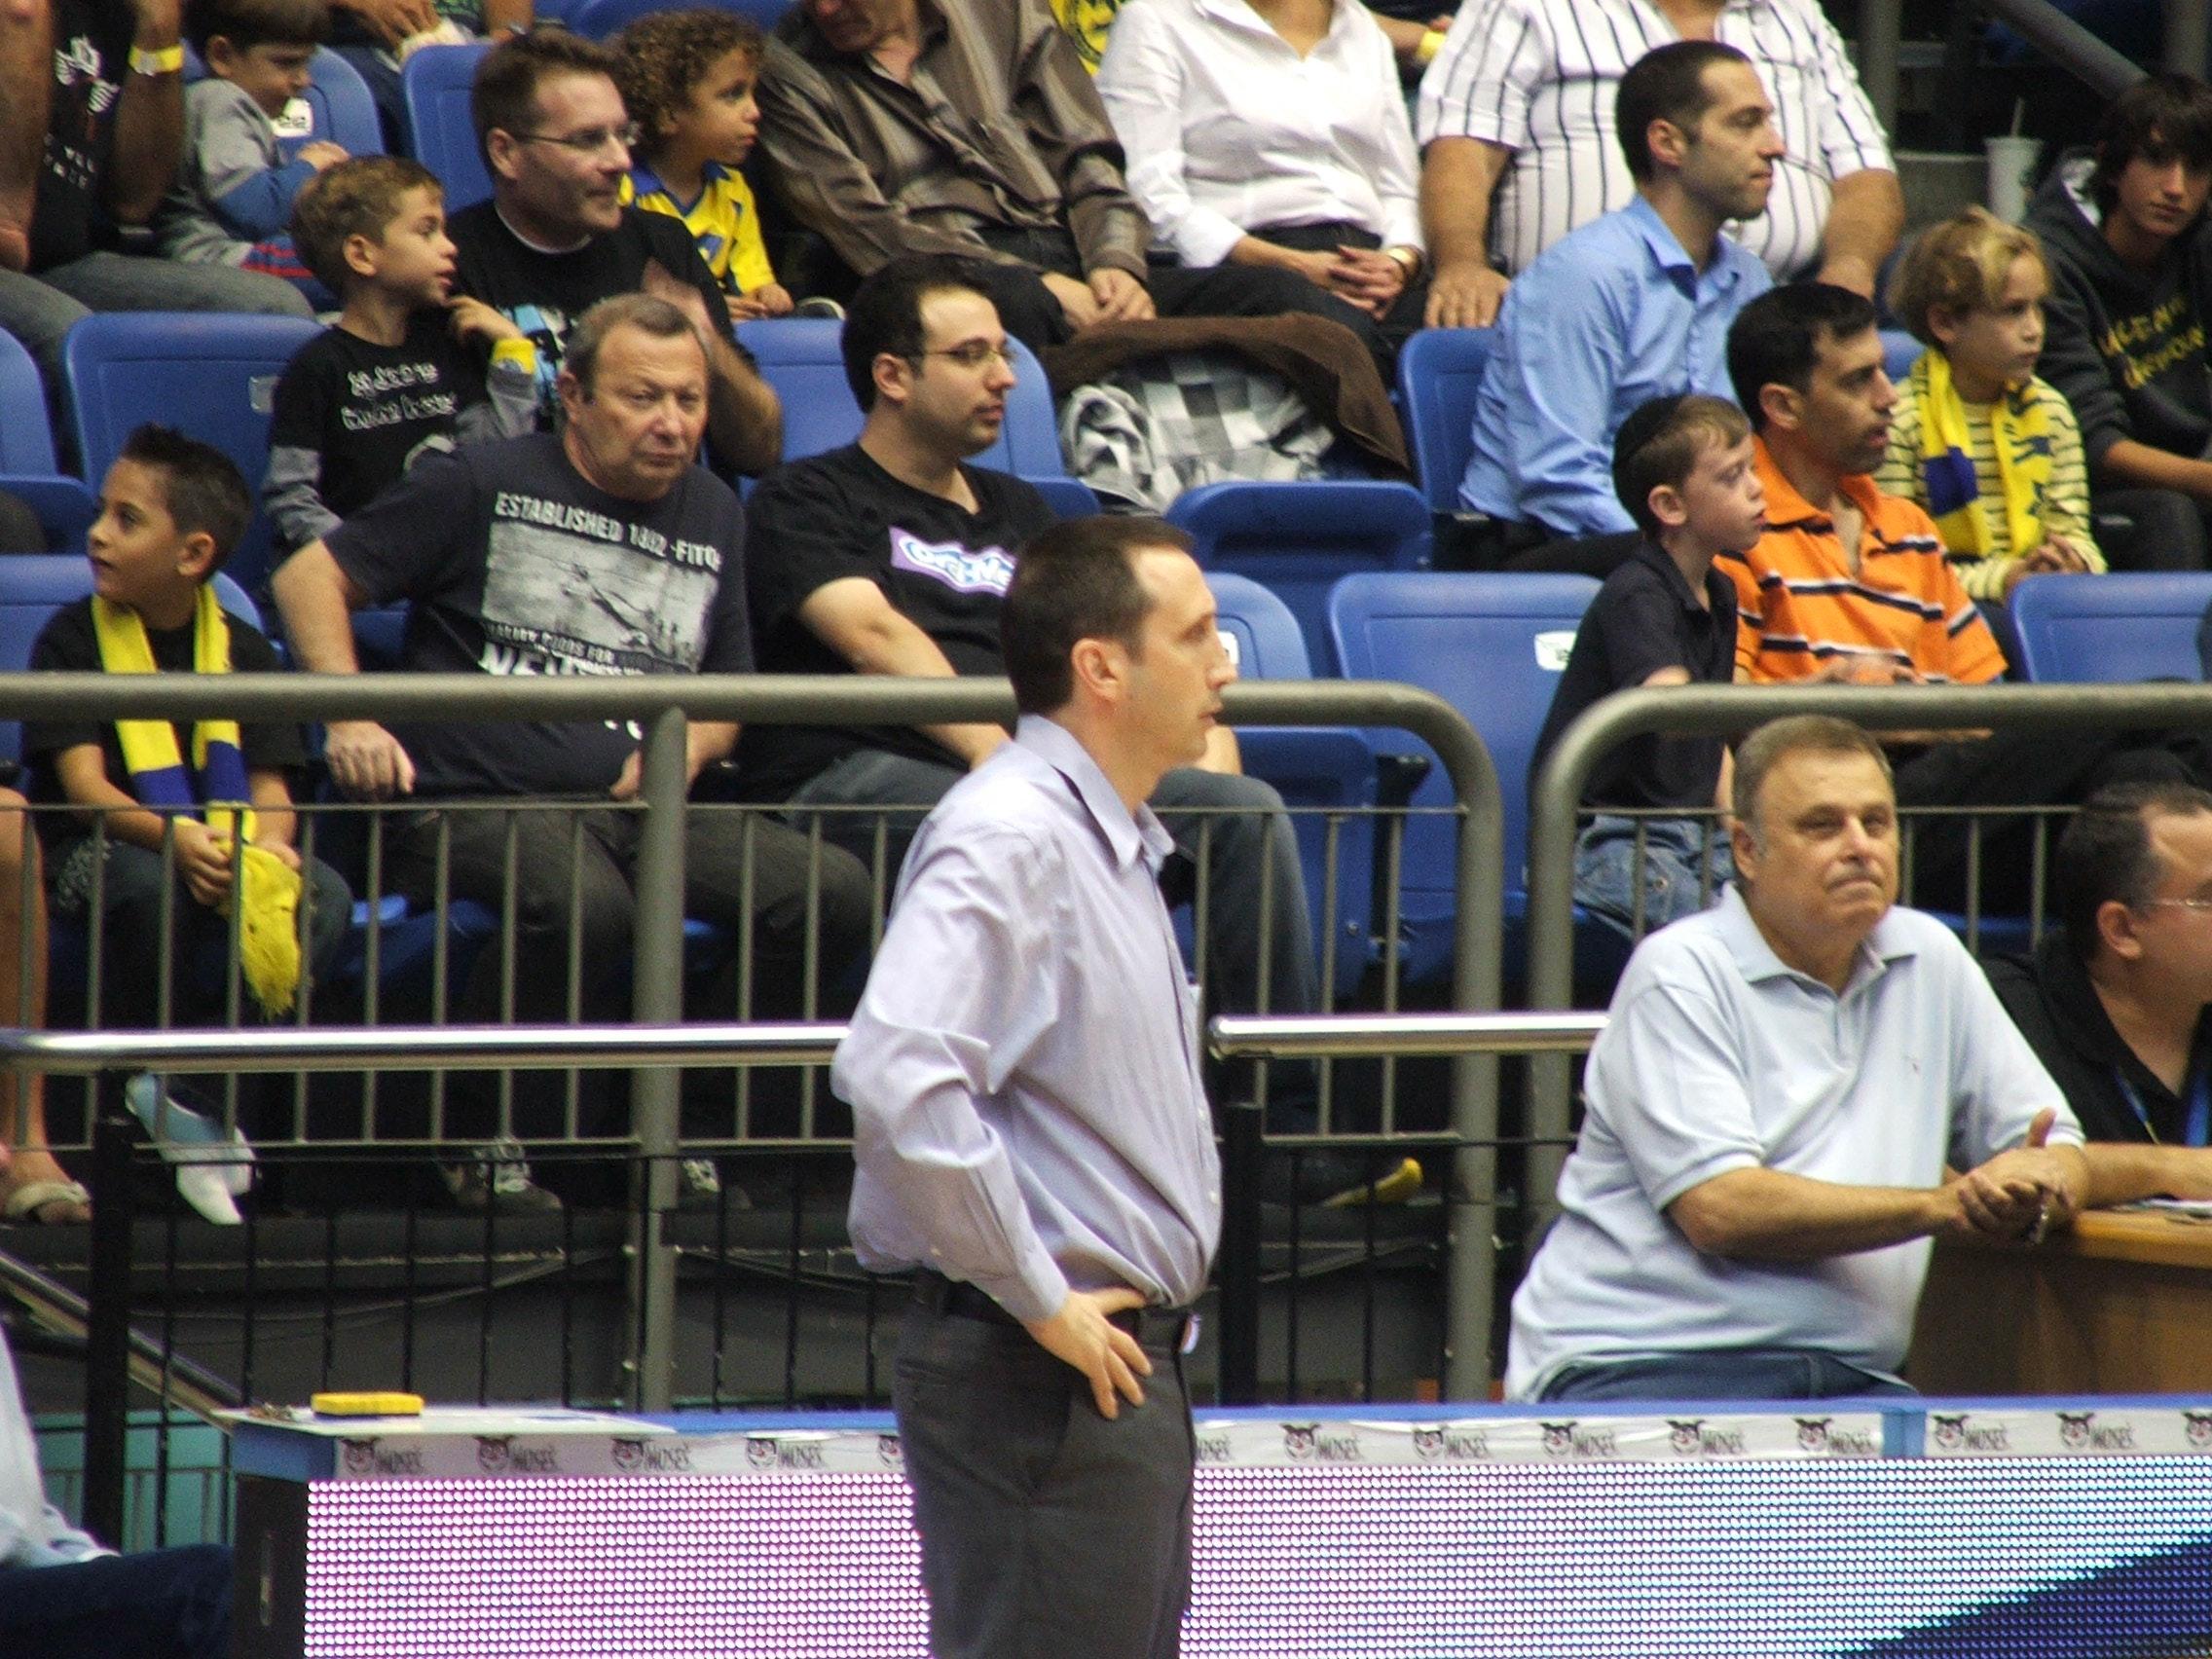 David blatt coach